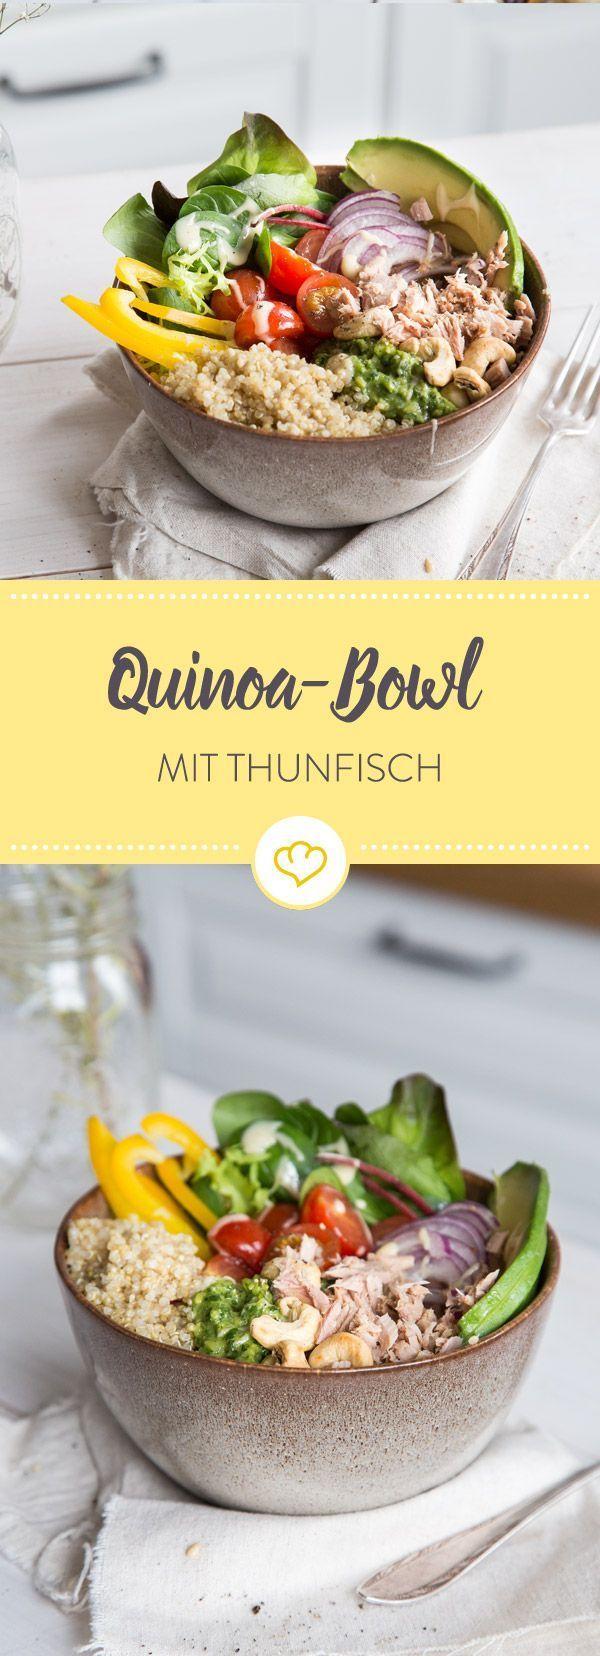 Thuna-Quinoa-Bowl mit Pesto – Thunfisch aus der Schüssel - Bowls - Schüsseln voll Glück -